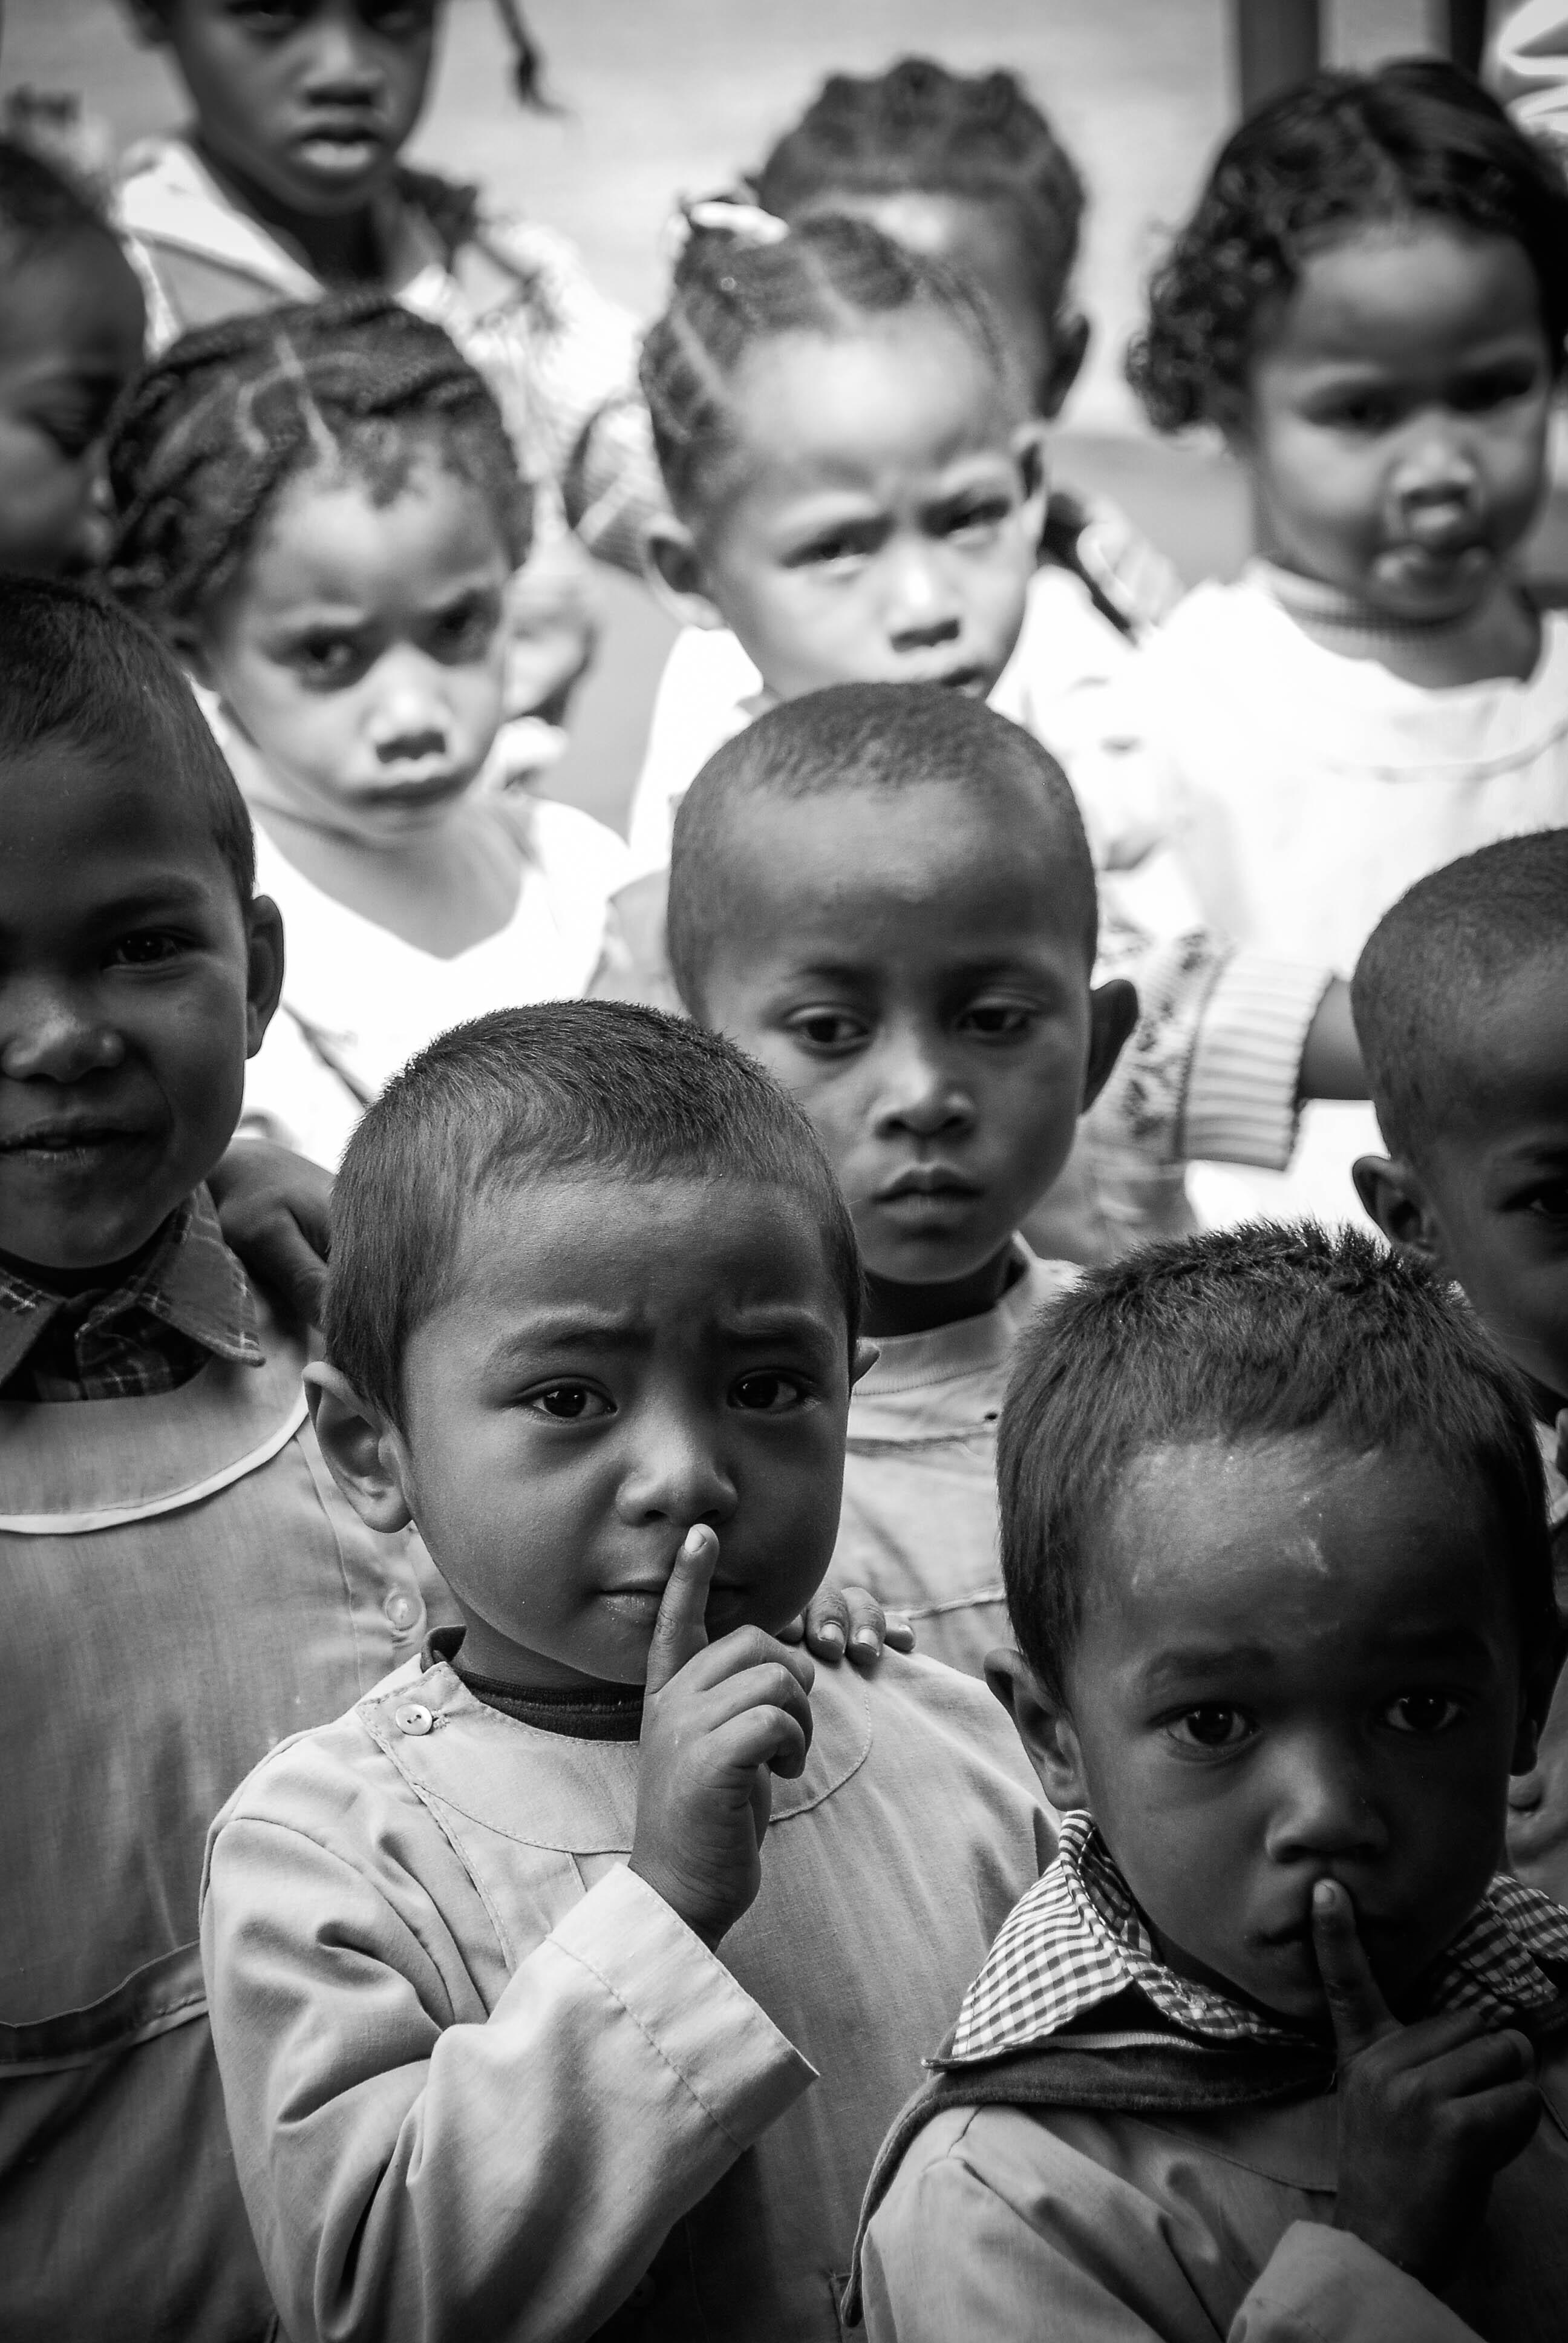 reportage, photo reportage, photographe, laurie diaz, street, rue, street photography, enfant, ecole, portrait, silence, silent, madagascar, school, rentrée, uniforme, jeune, jeunesse, education, scolaire, ecolier